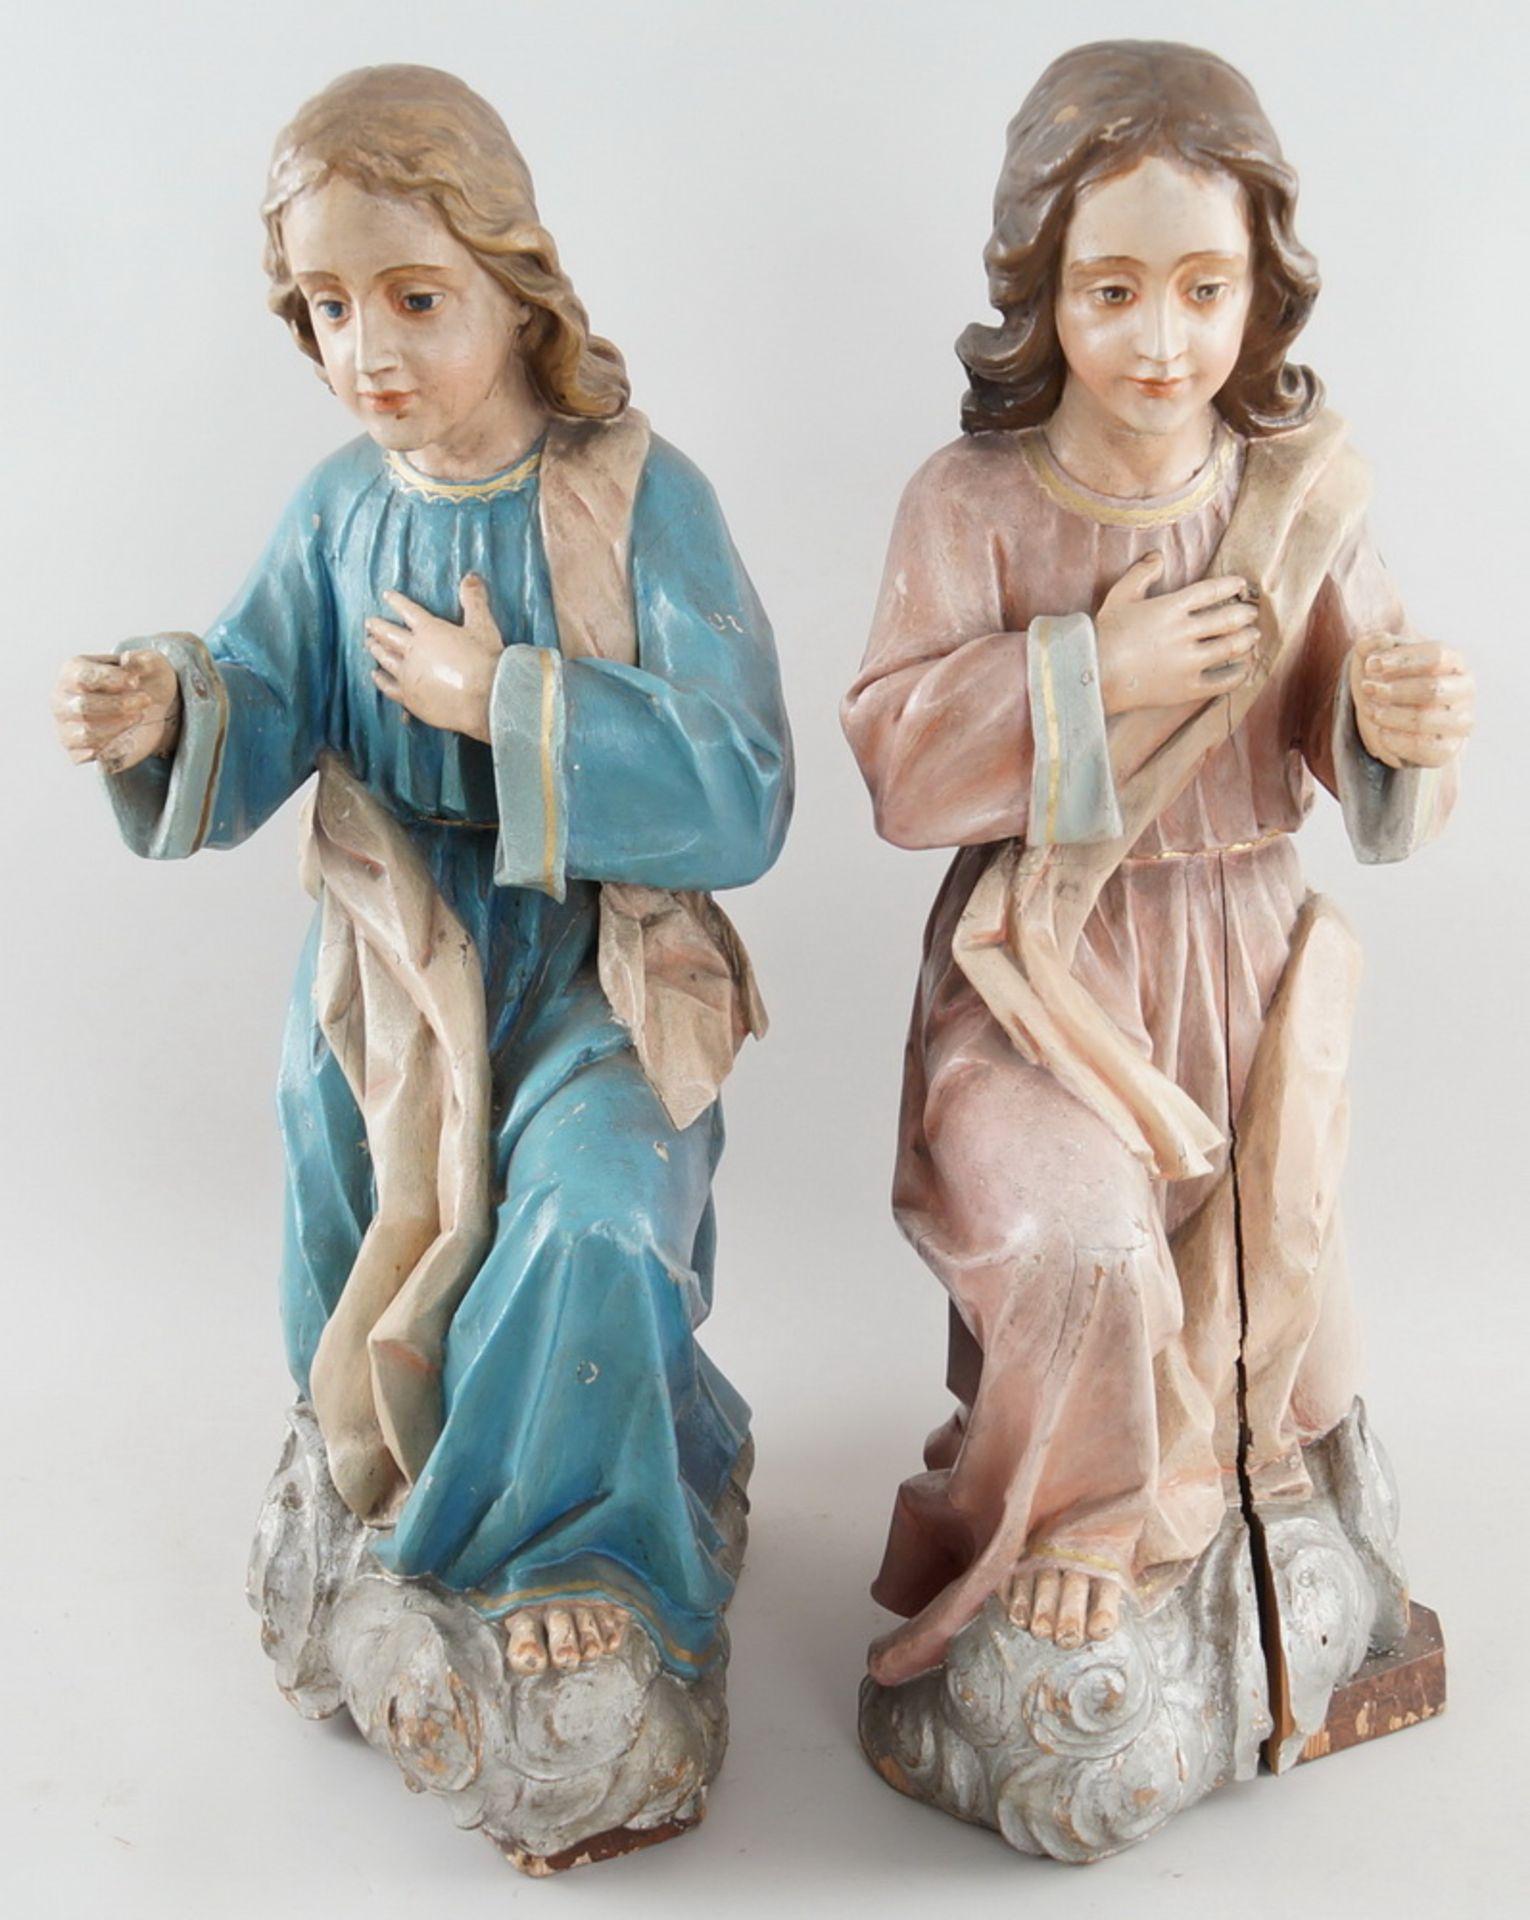 Zwei kniende Engel mit Flügel, 18. JH, Holz geschnitzt und gefasst, rest.-bed., H je 73cm - Bild 11 aus 15